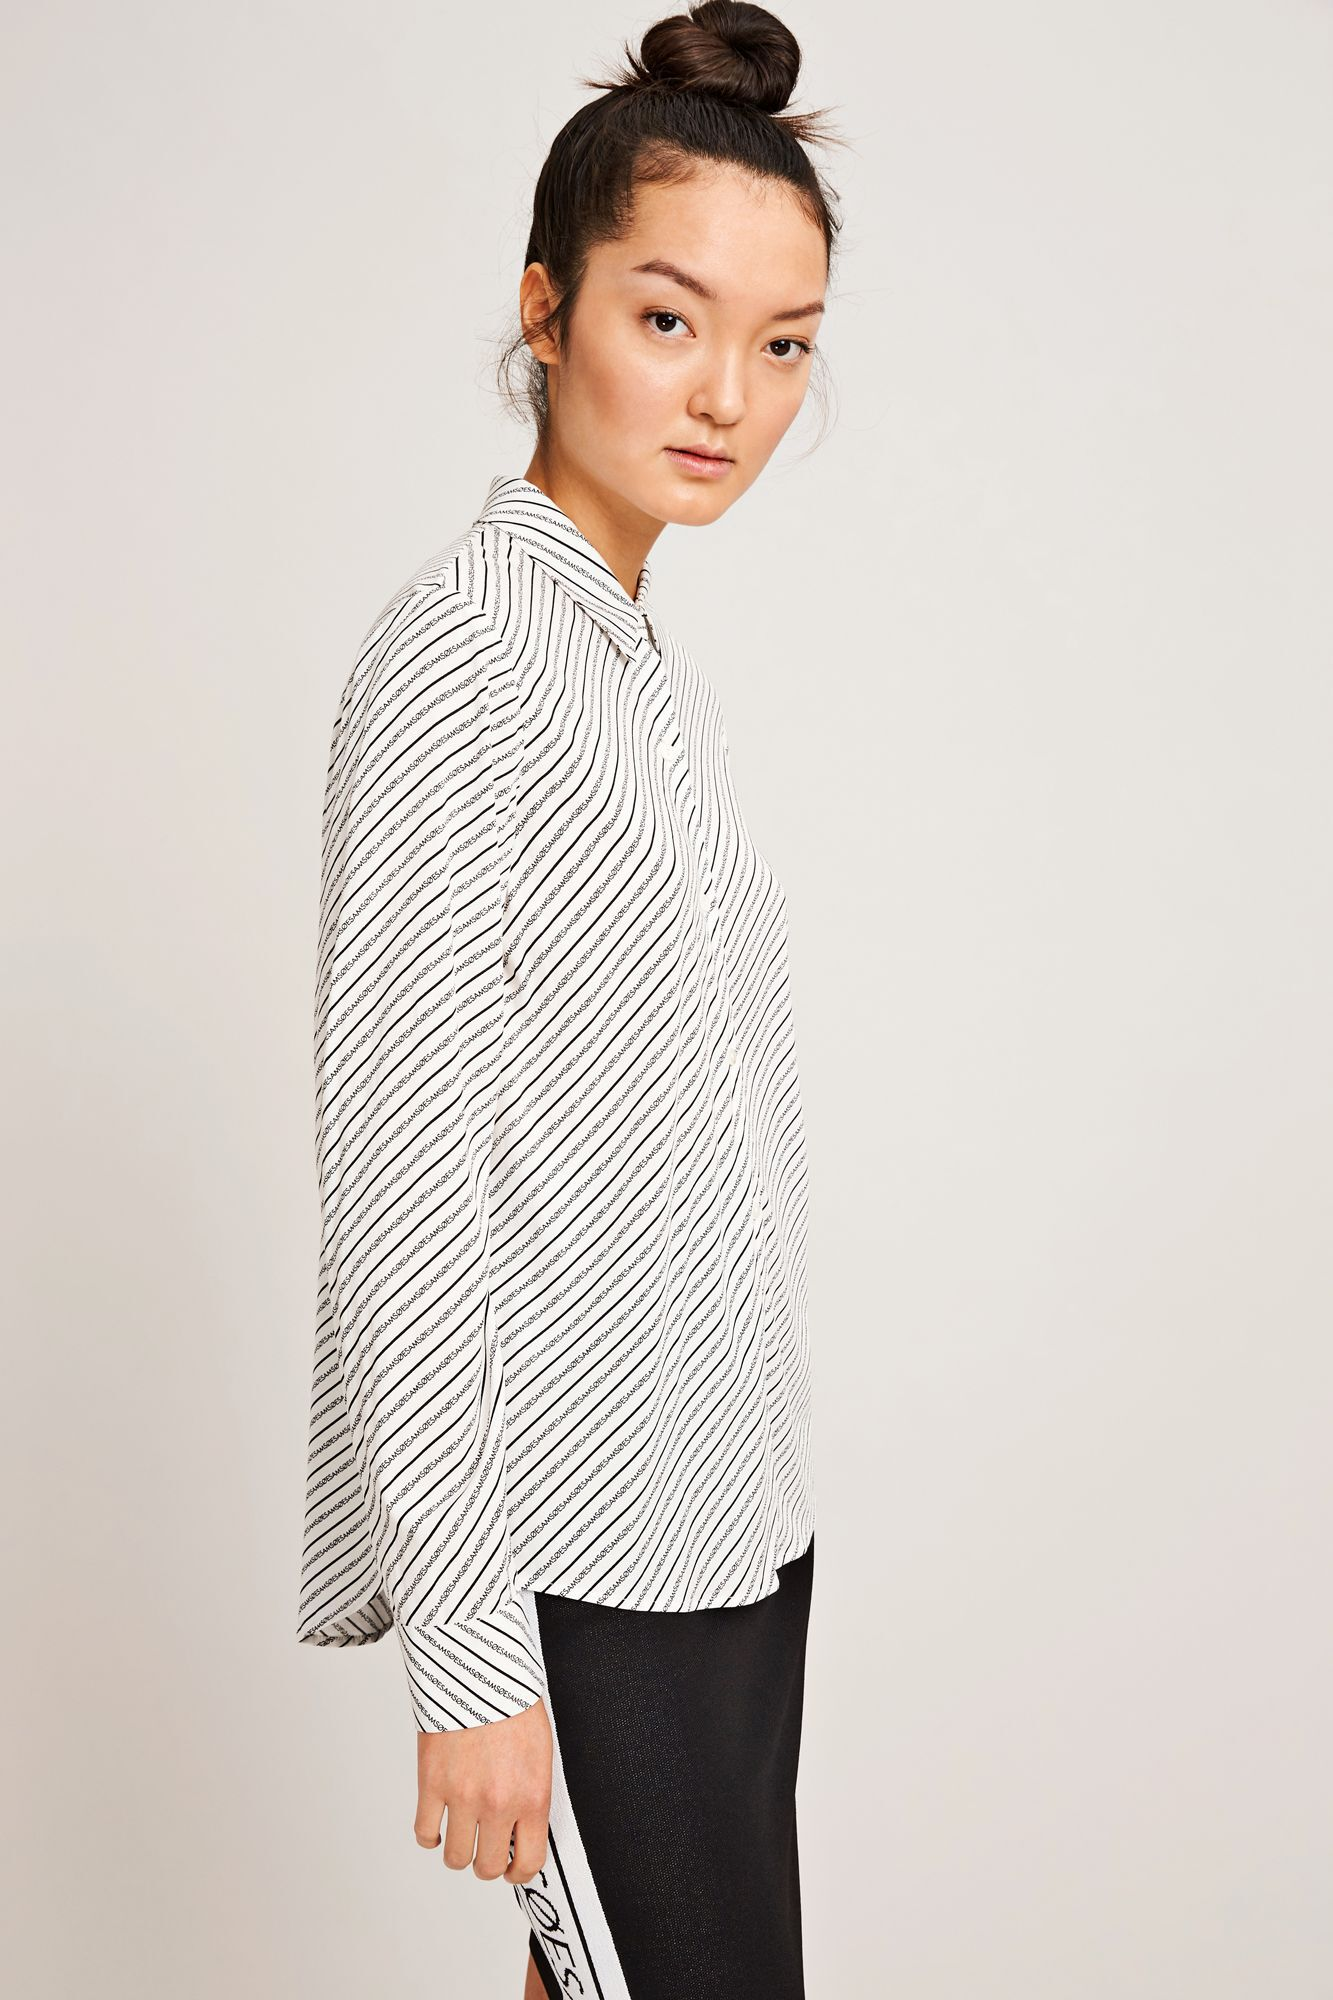 Milly np shirt aop 9942